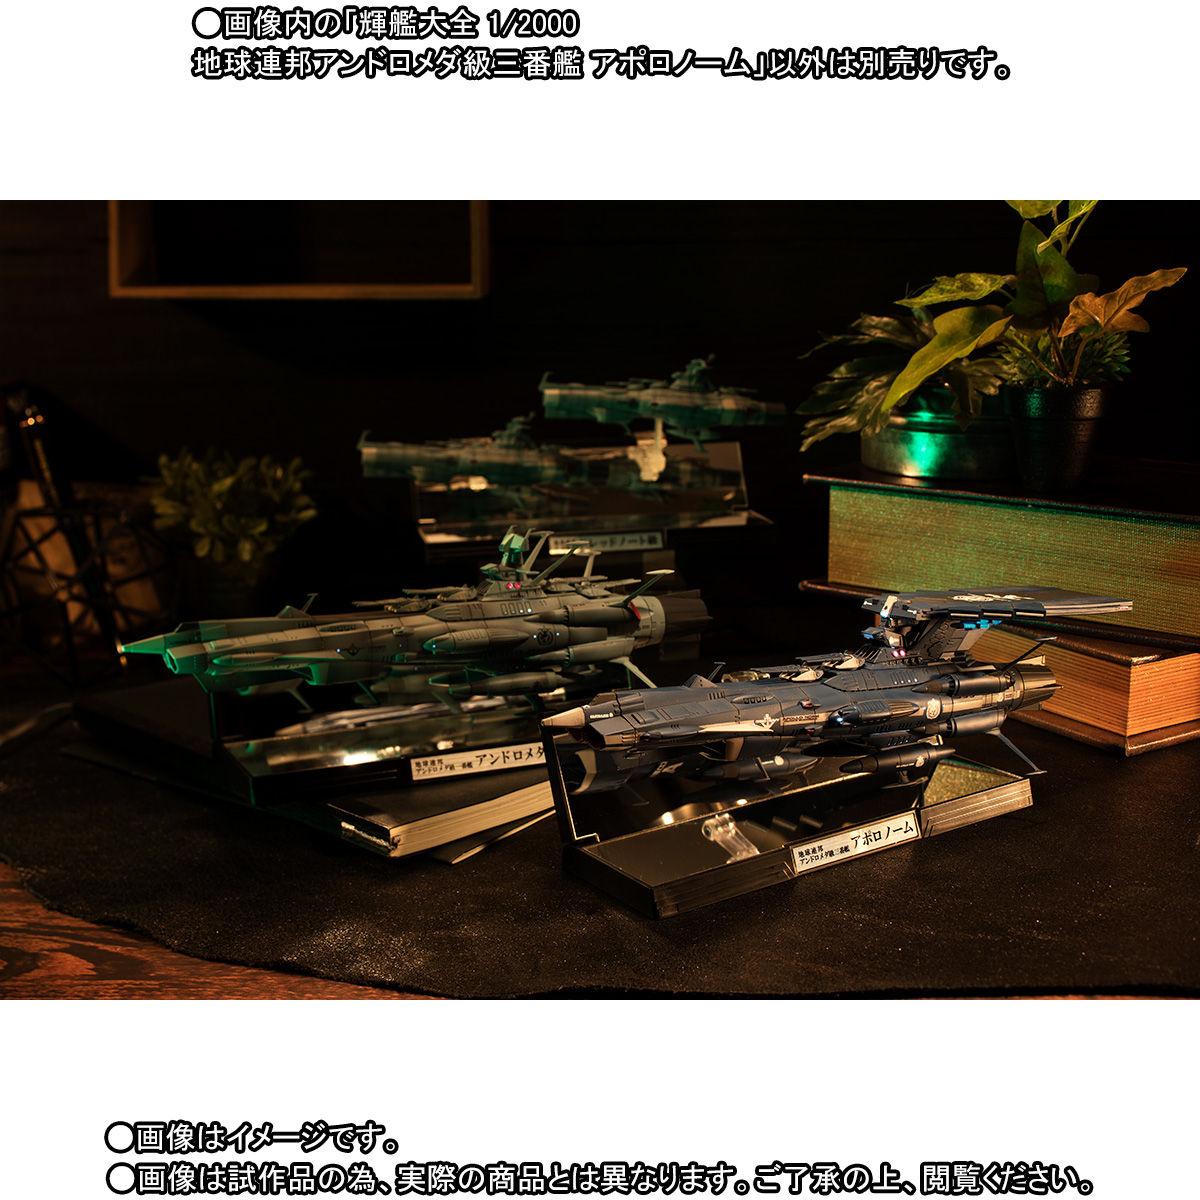 輝艦大全『地球連邦アンドロメダ級三番艦 アポロノーム|宇宙戦艦ヤマト2202』1/2000 完成品モデル-010